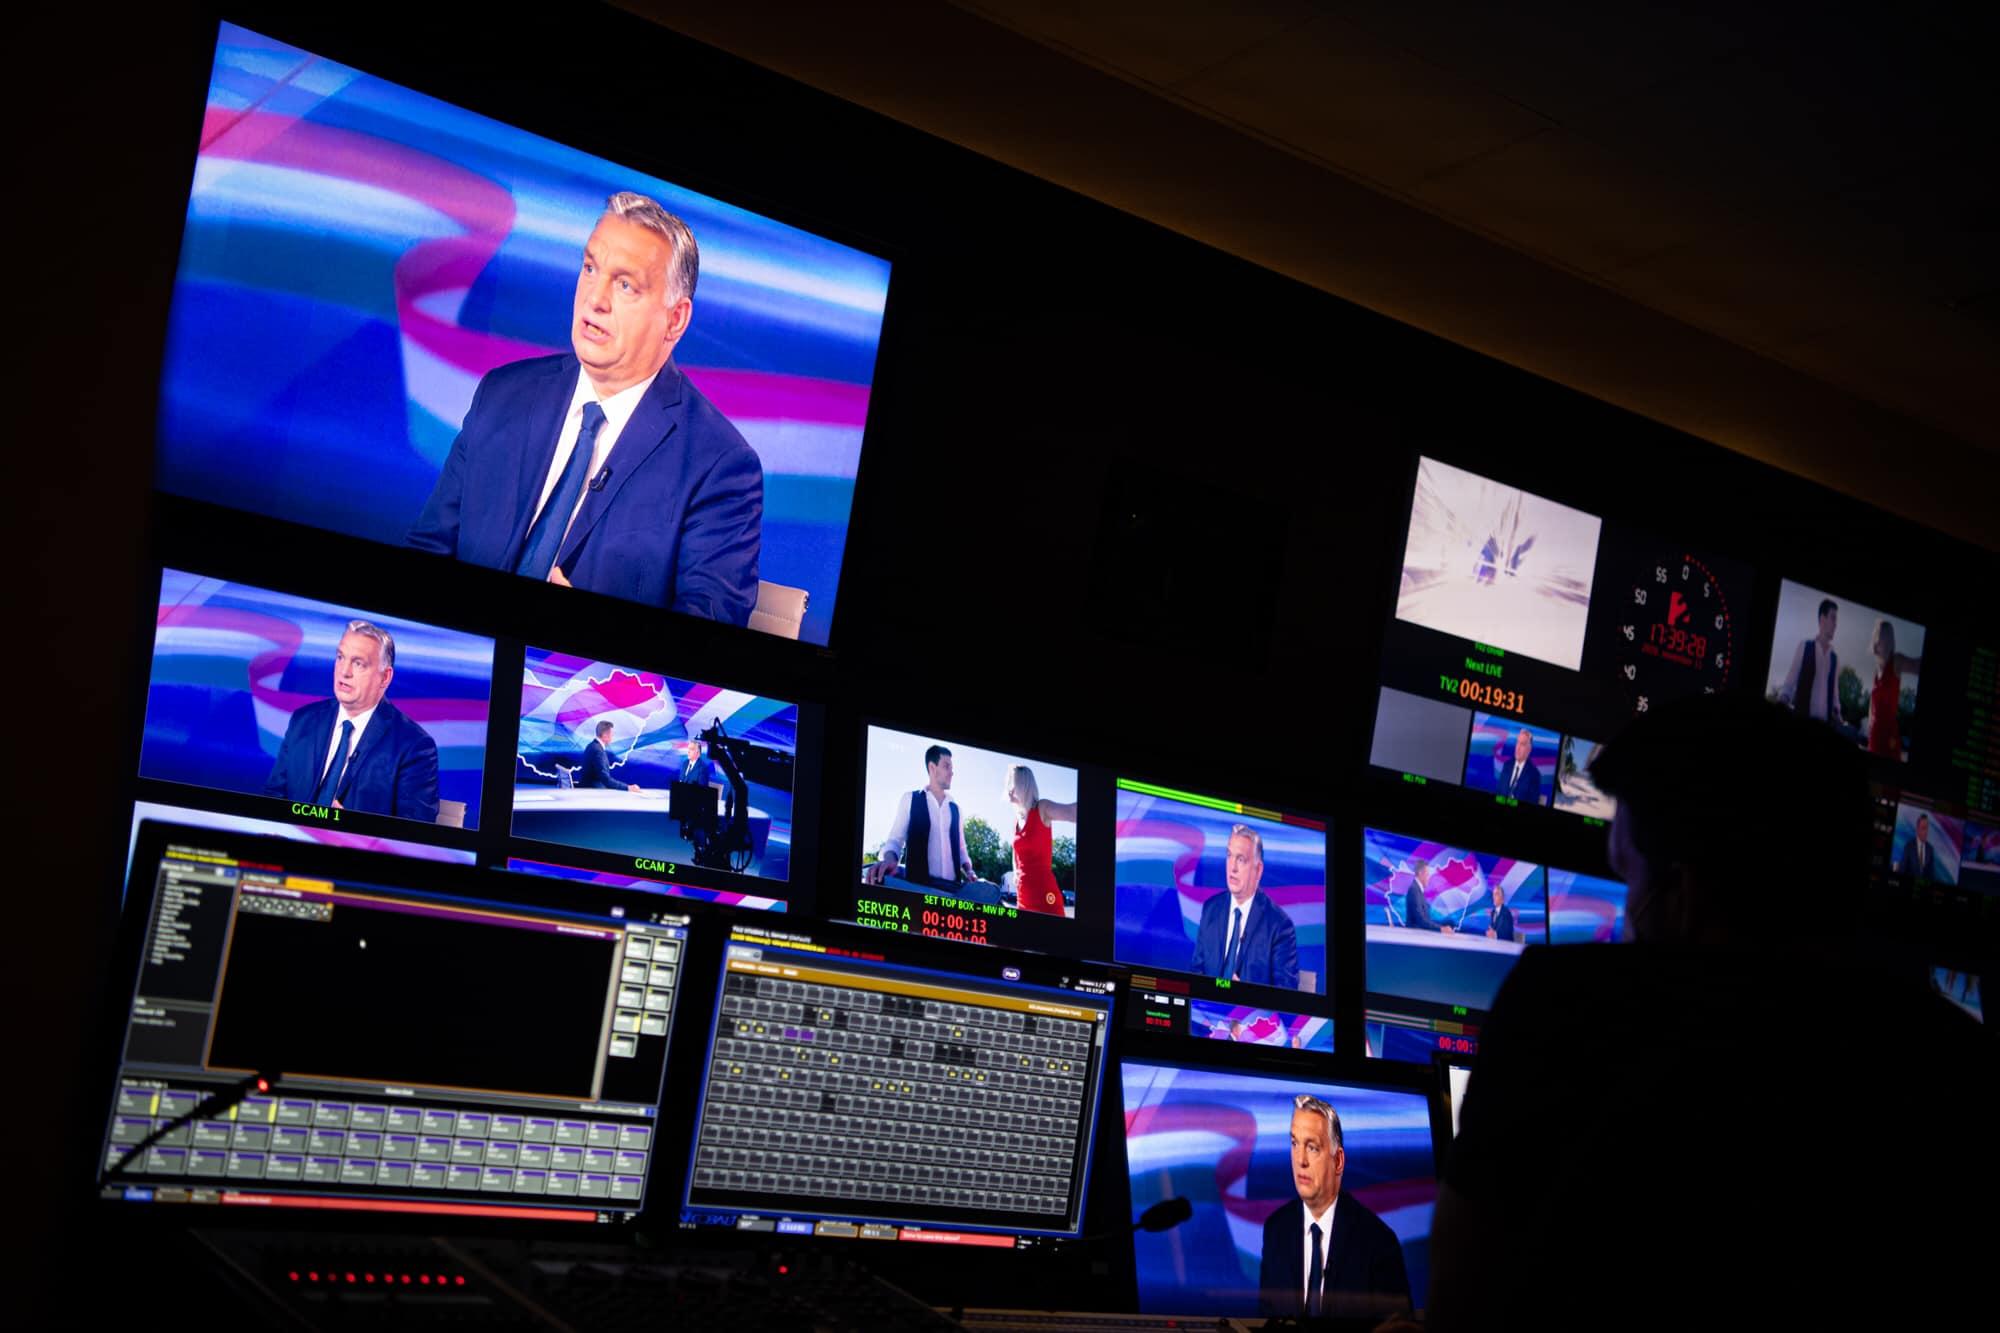 Kedden Orbán szerint még csak 50 százalék esélye volt, hogy az egészségügy kibírja a strapát, ma már 99,9 százalék